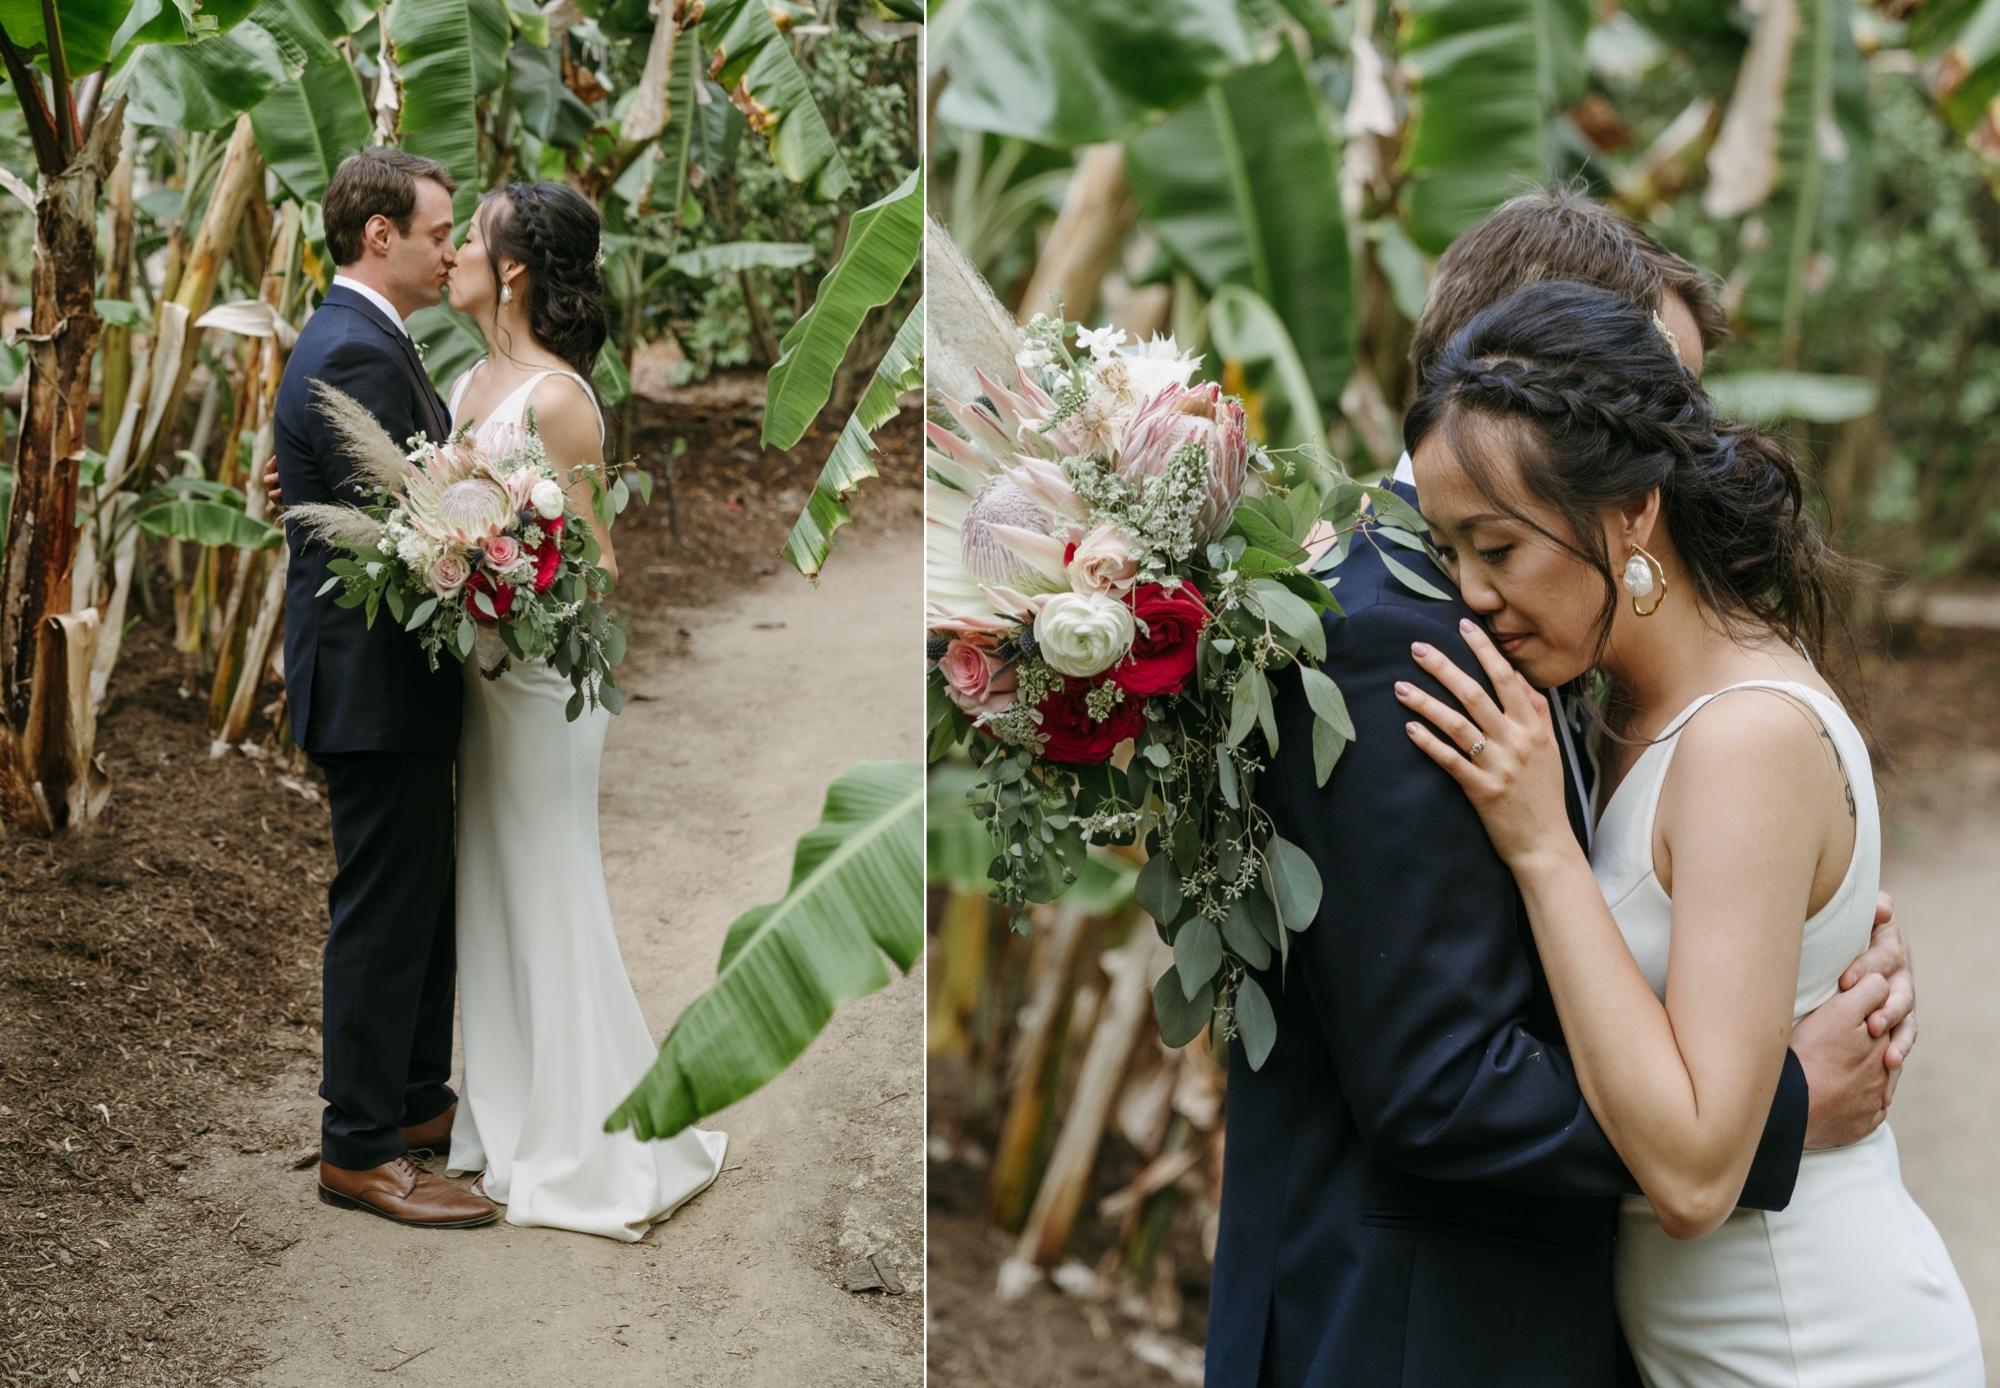 079_Shawna and Steve's Wedding-502_Shawna and Steve's Wedding-514.jpg